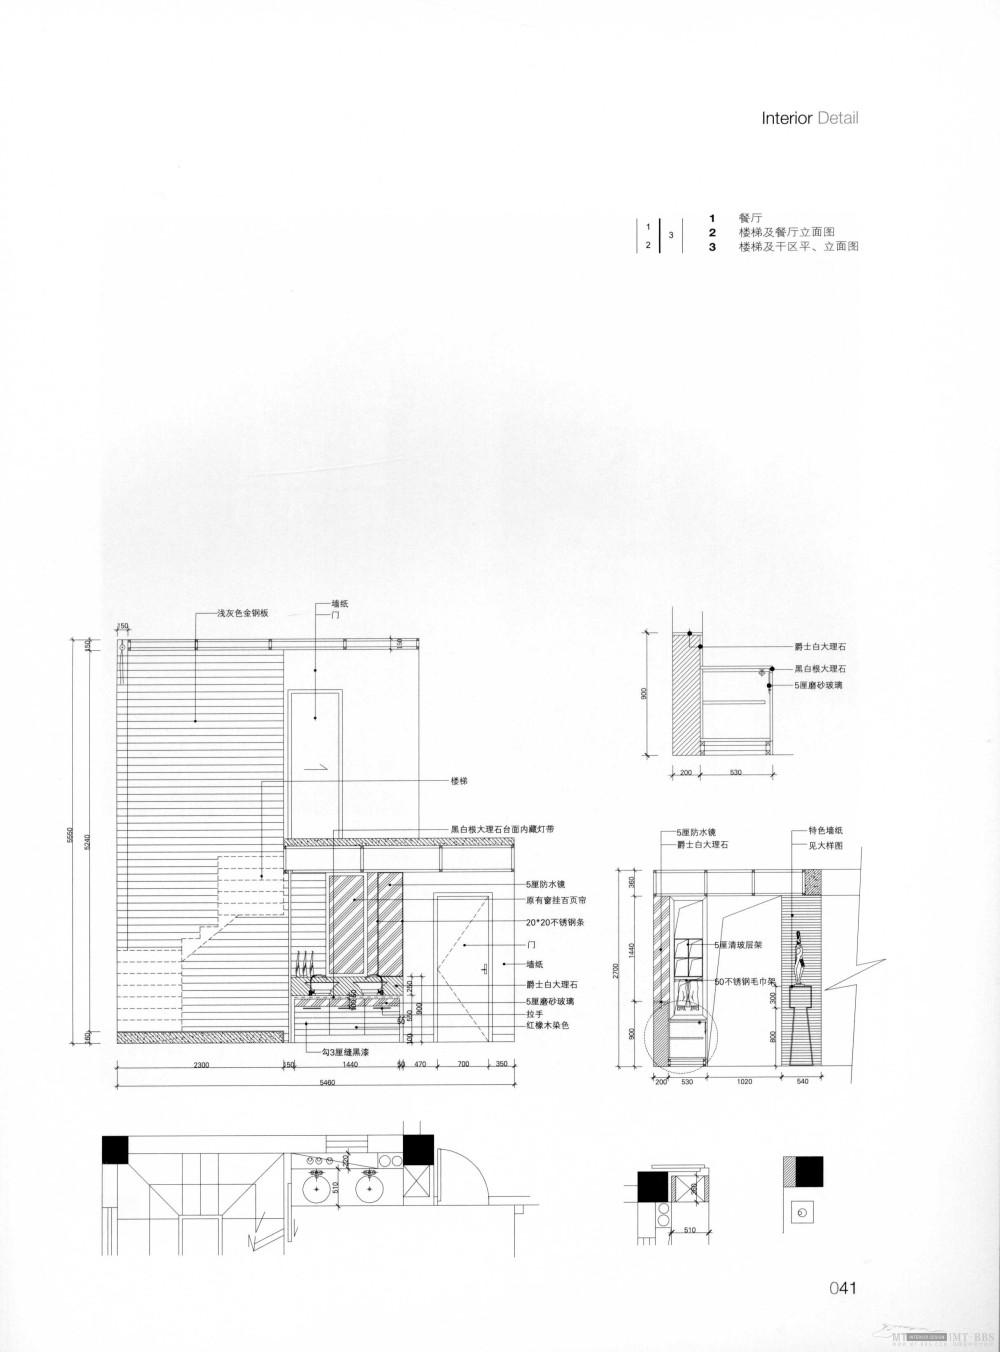 17本家装图册,已传完。_4 细部-个性家居_页面_036.jpg